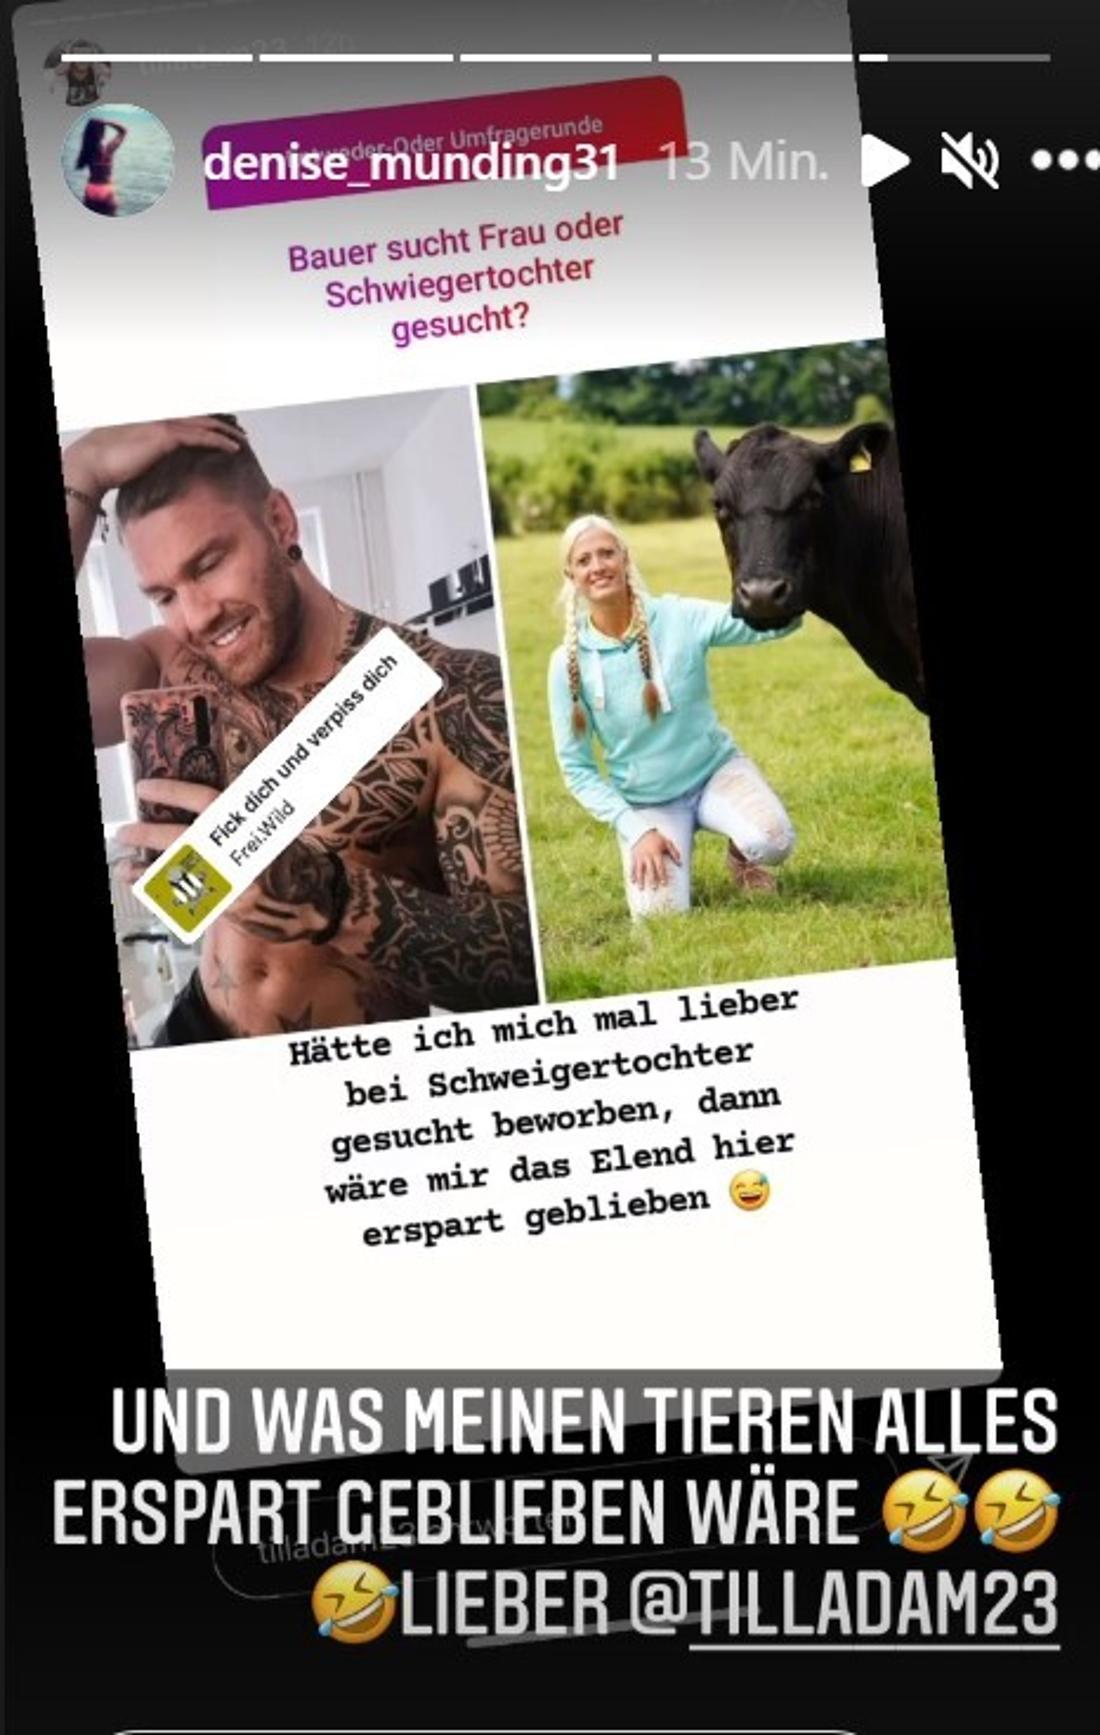 Instagram-Story von Denise Mundig und Till Adam